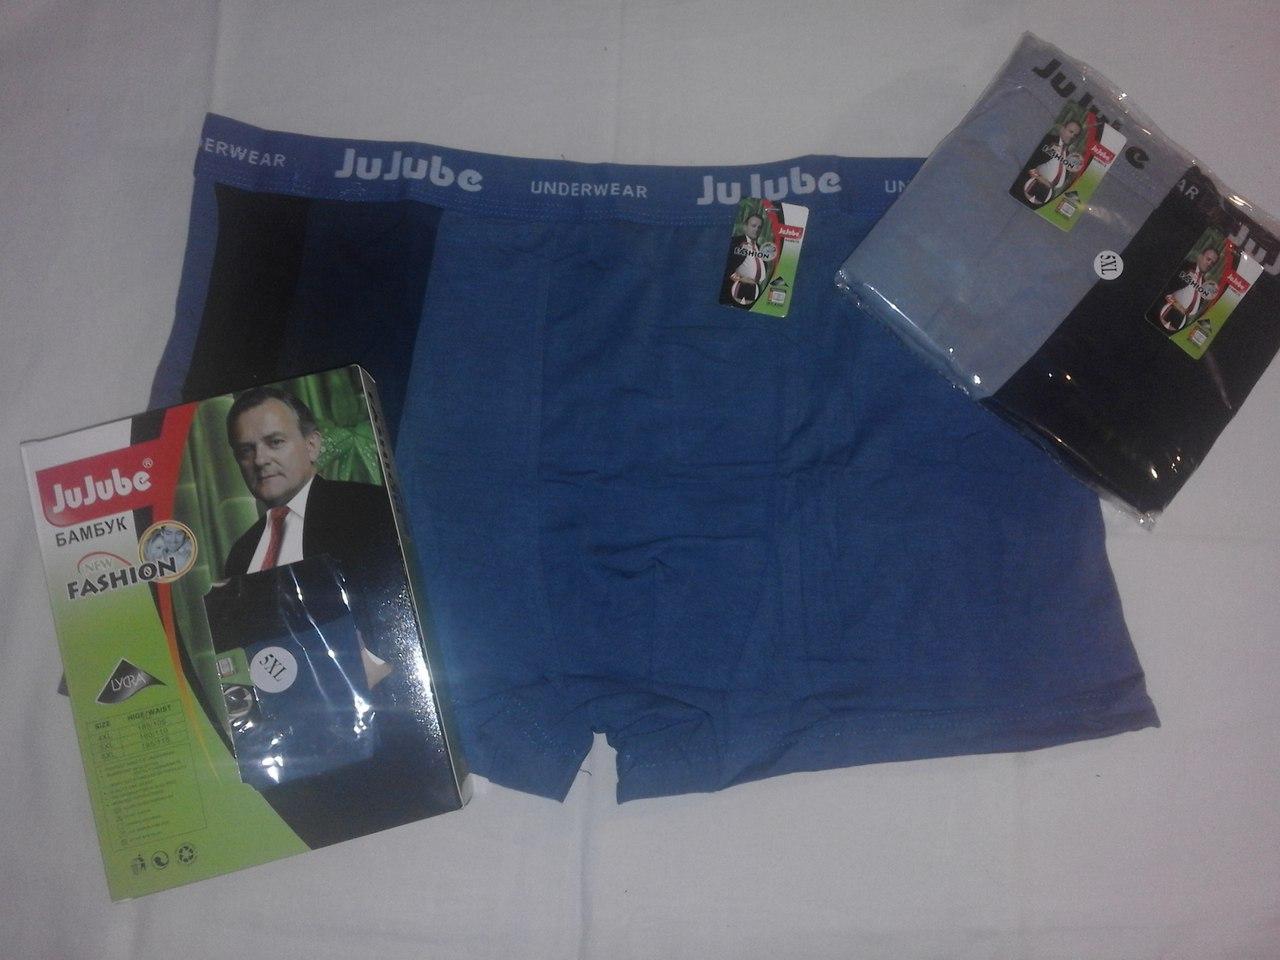 Мужские трусы-шорты / боксеры Ju-ju-be больших размеров